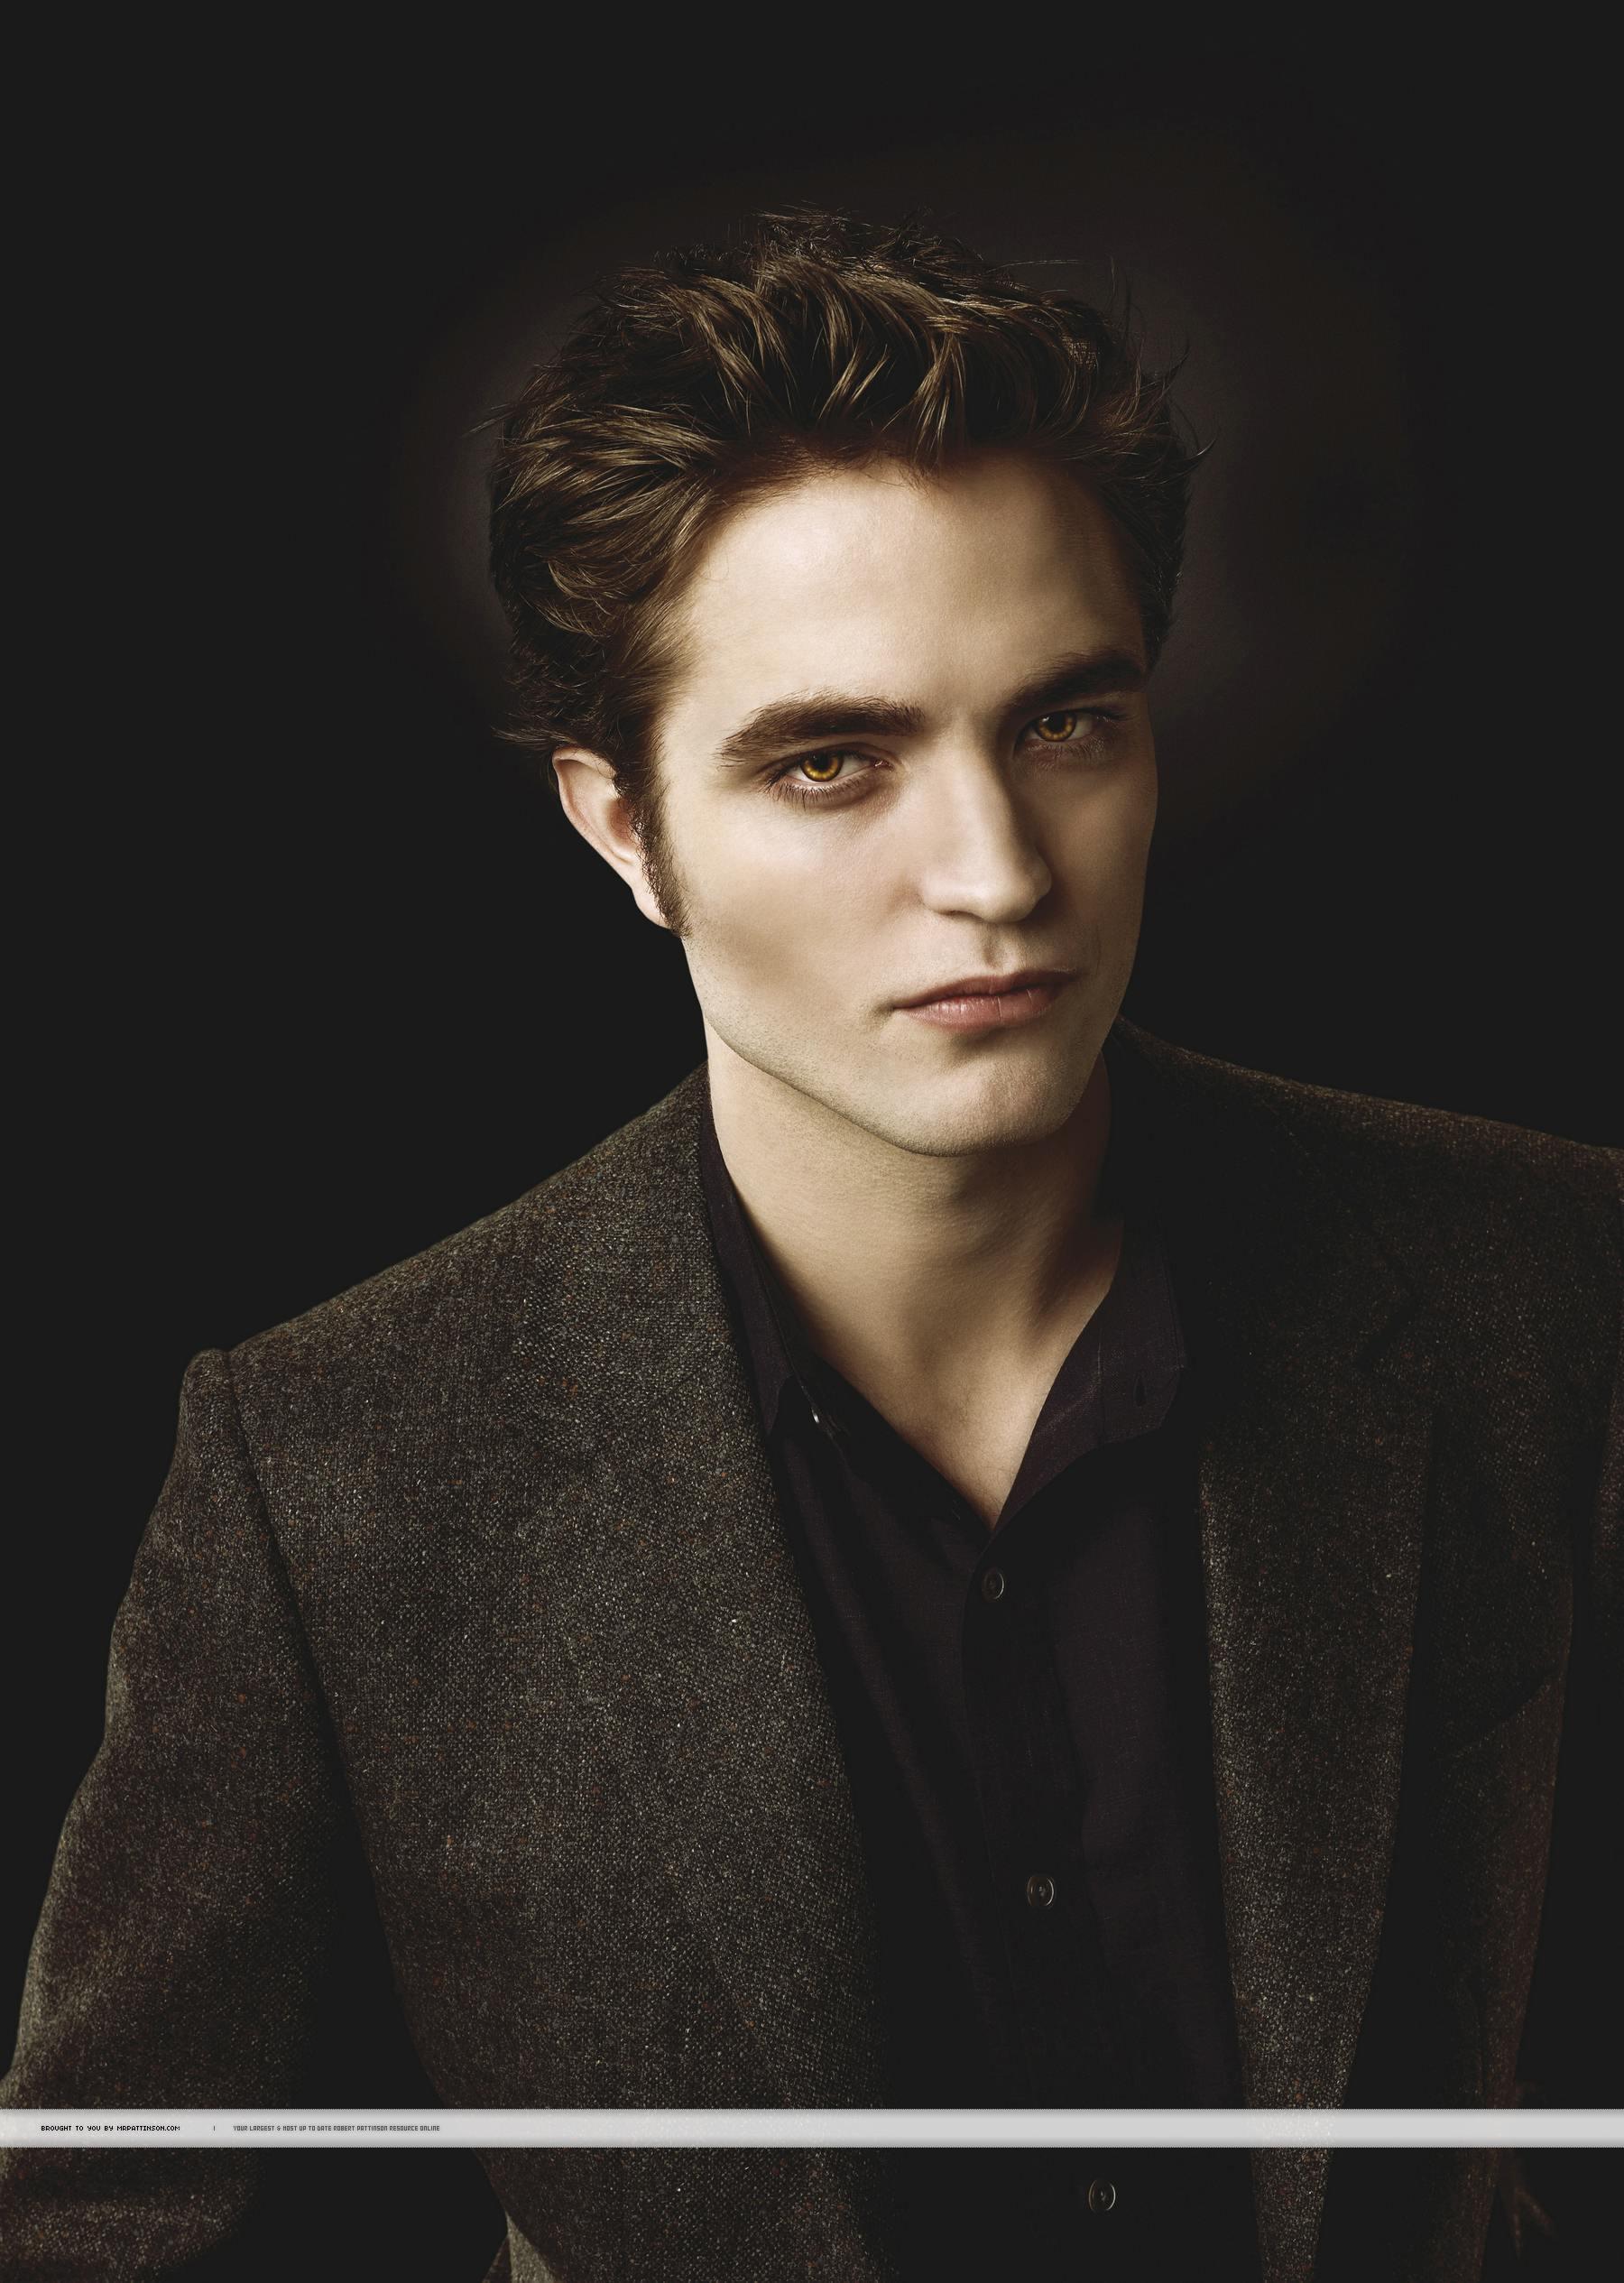 UHQ Promo Shoots of Edward